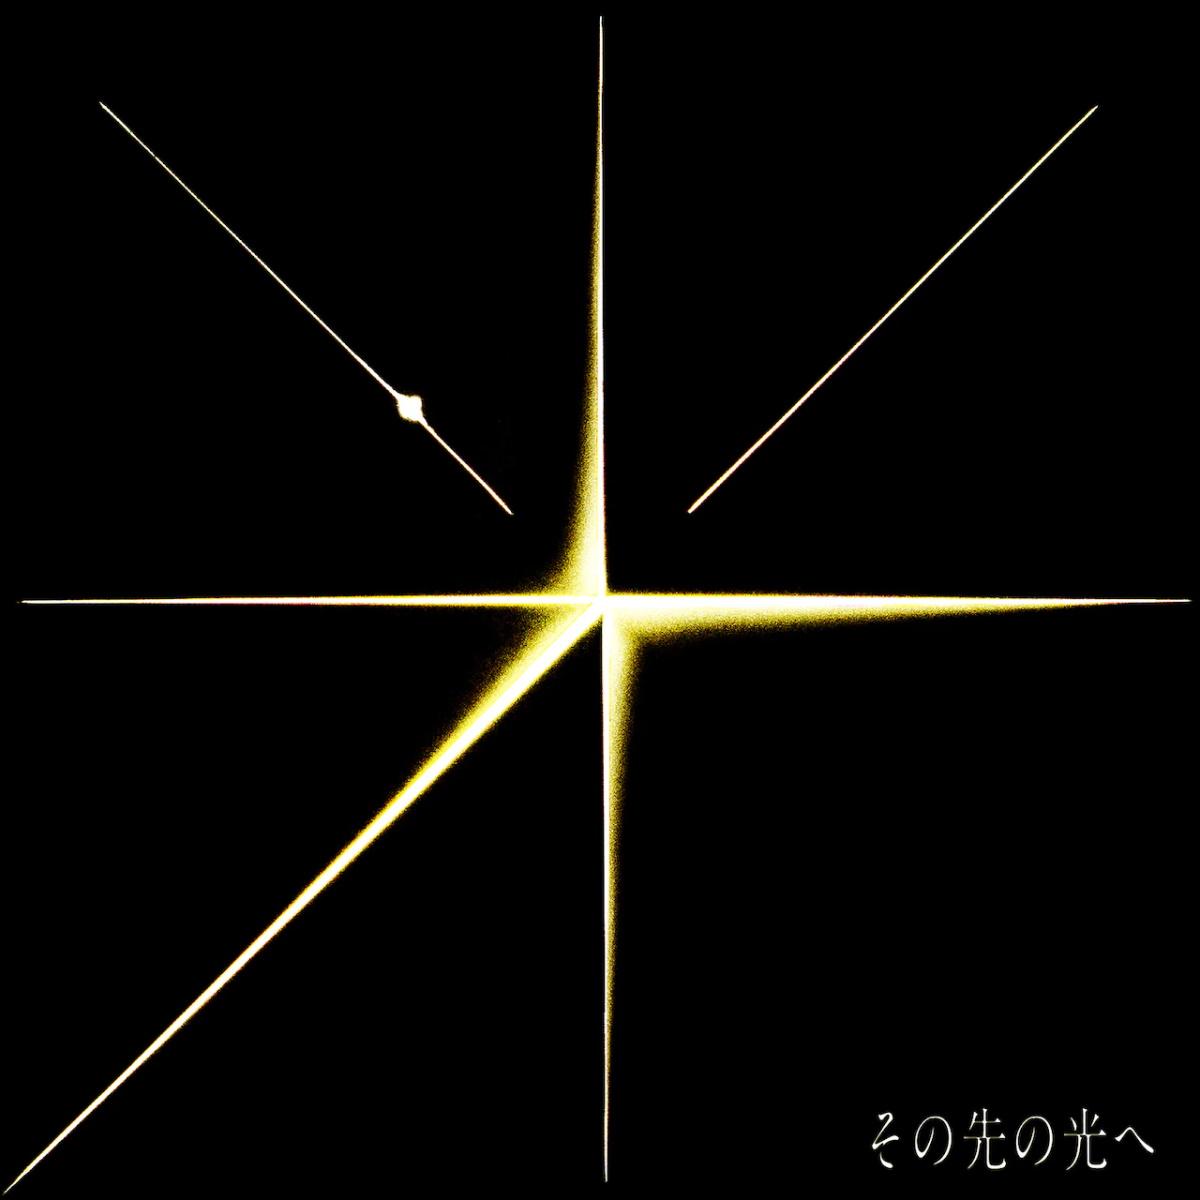 Cover for『Akihito Okano - Walk to the Light』from the release『Sono Saki no Hikari e』